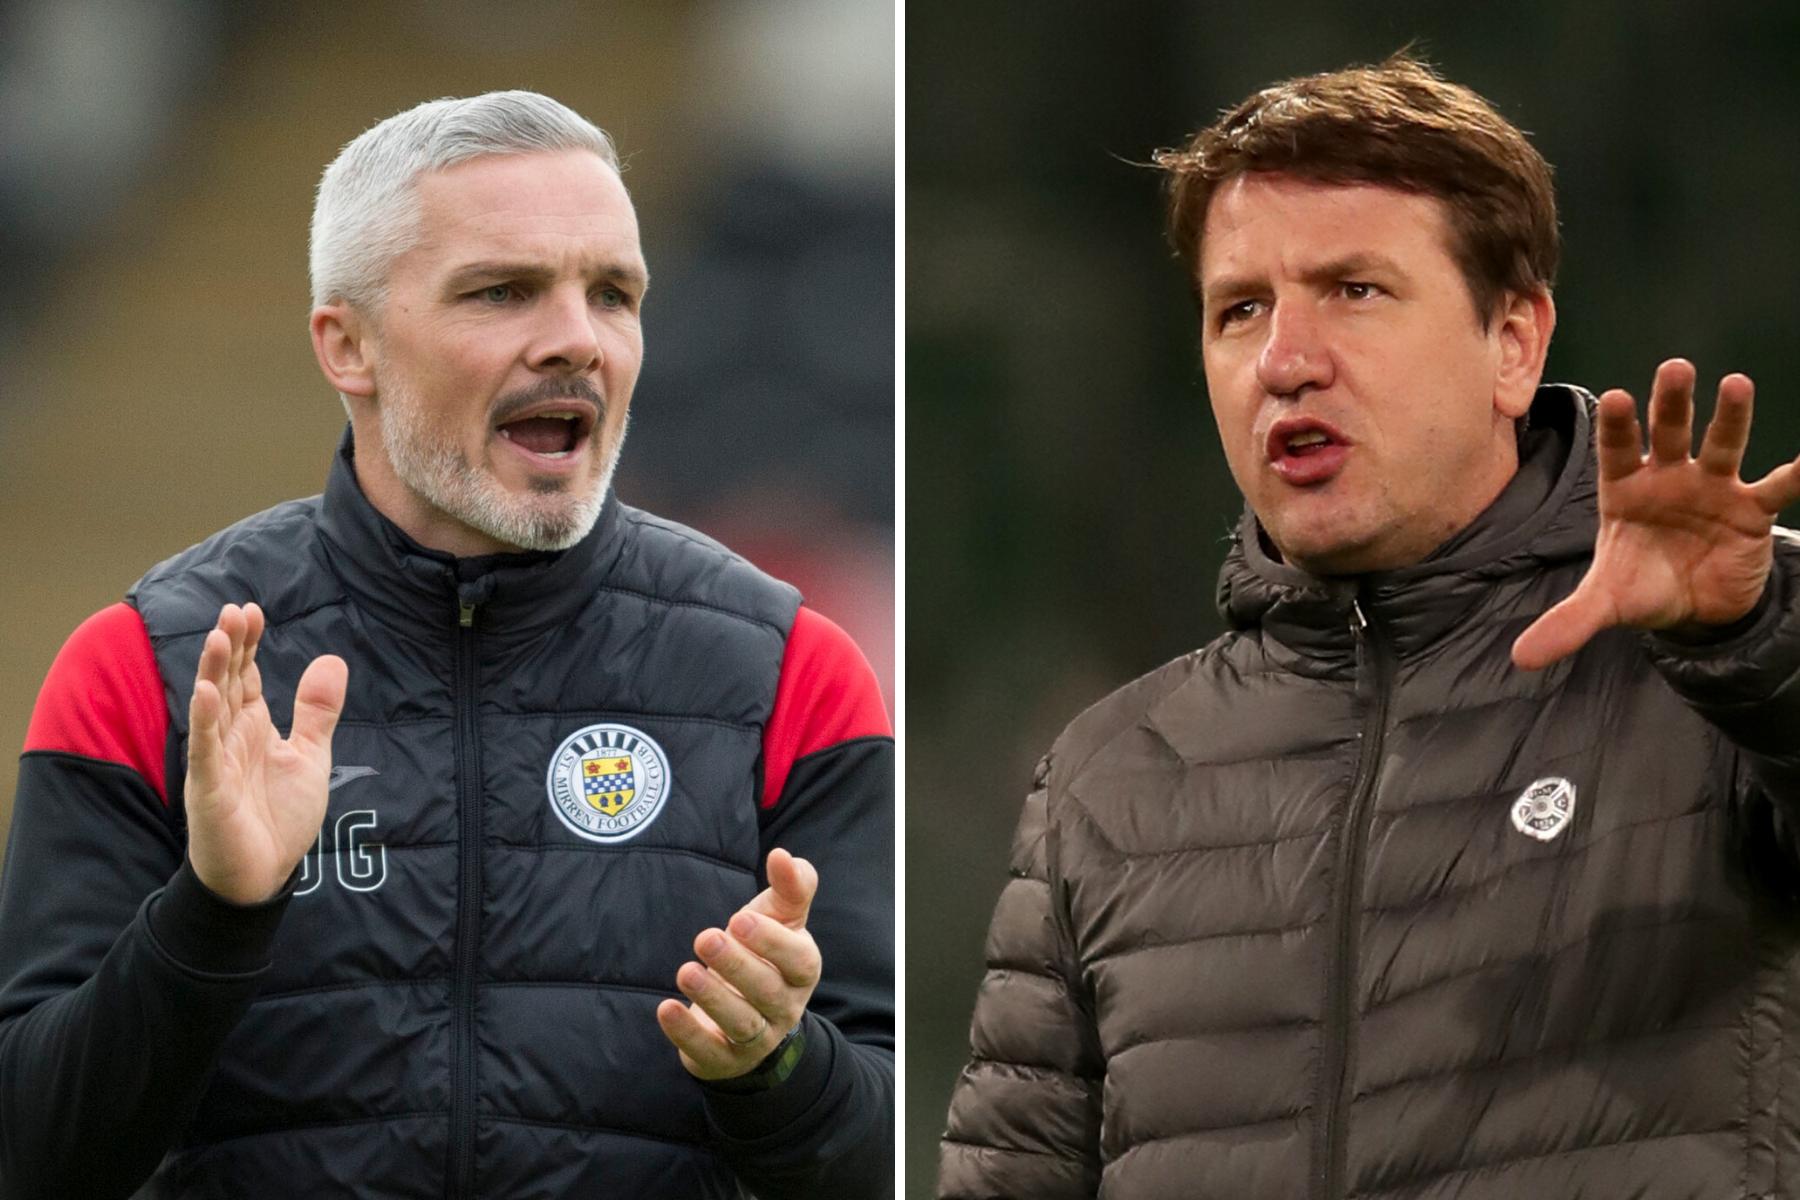 St Mirren boss Jim Goodwin reveals sympathy for Hearts counterpart Daniel Stendel